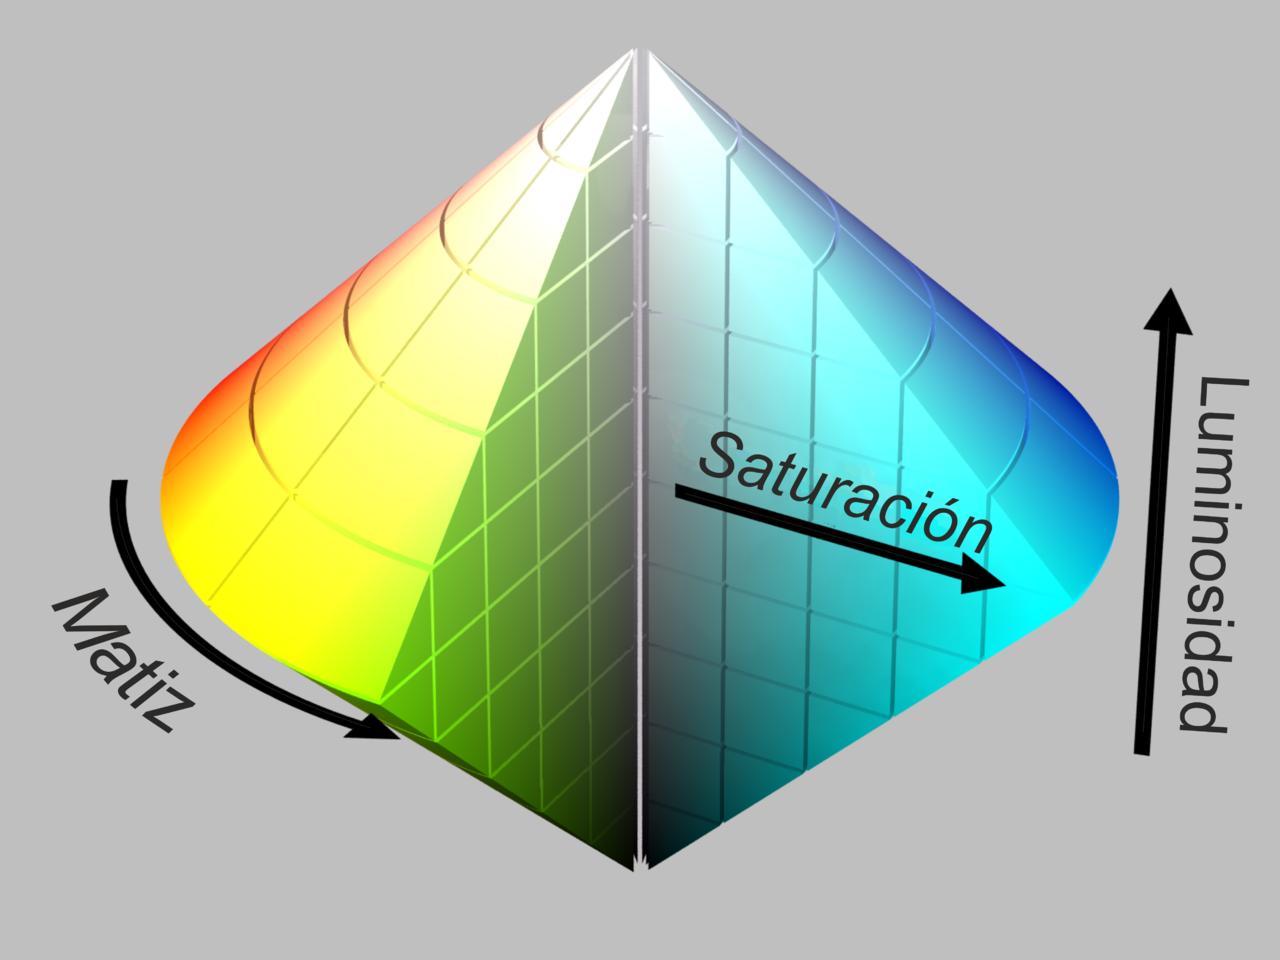 Doble cono del color, con sus tres dimensiones